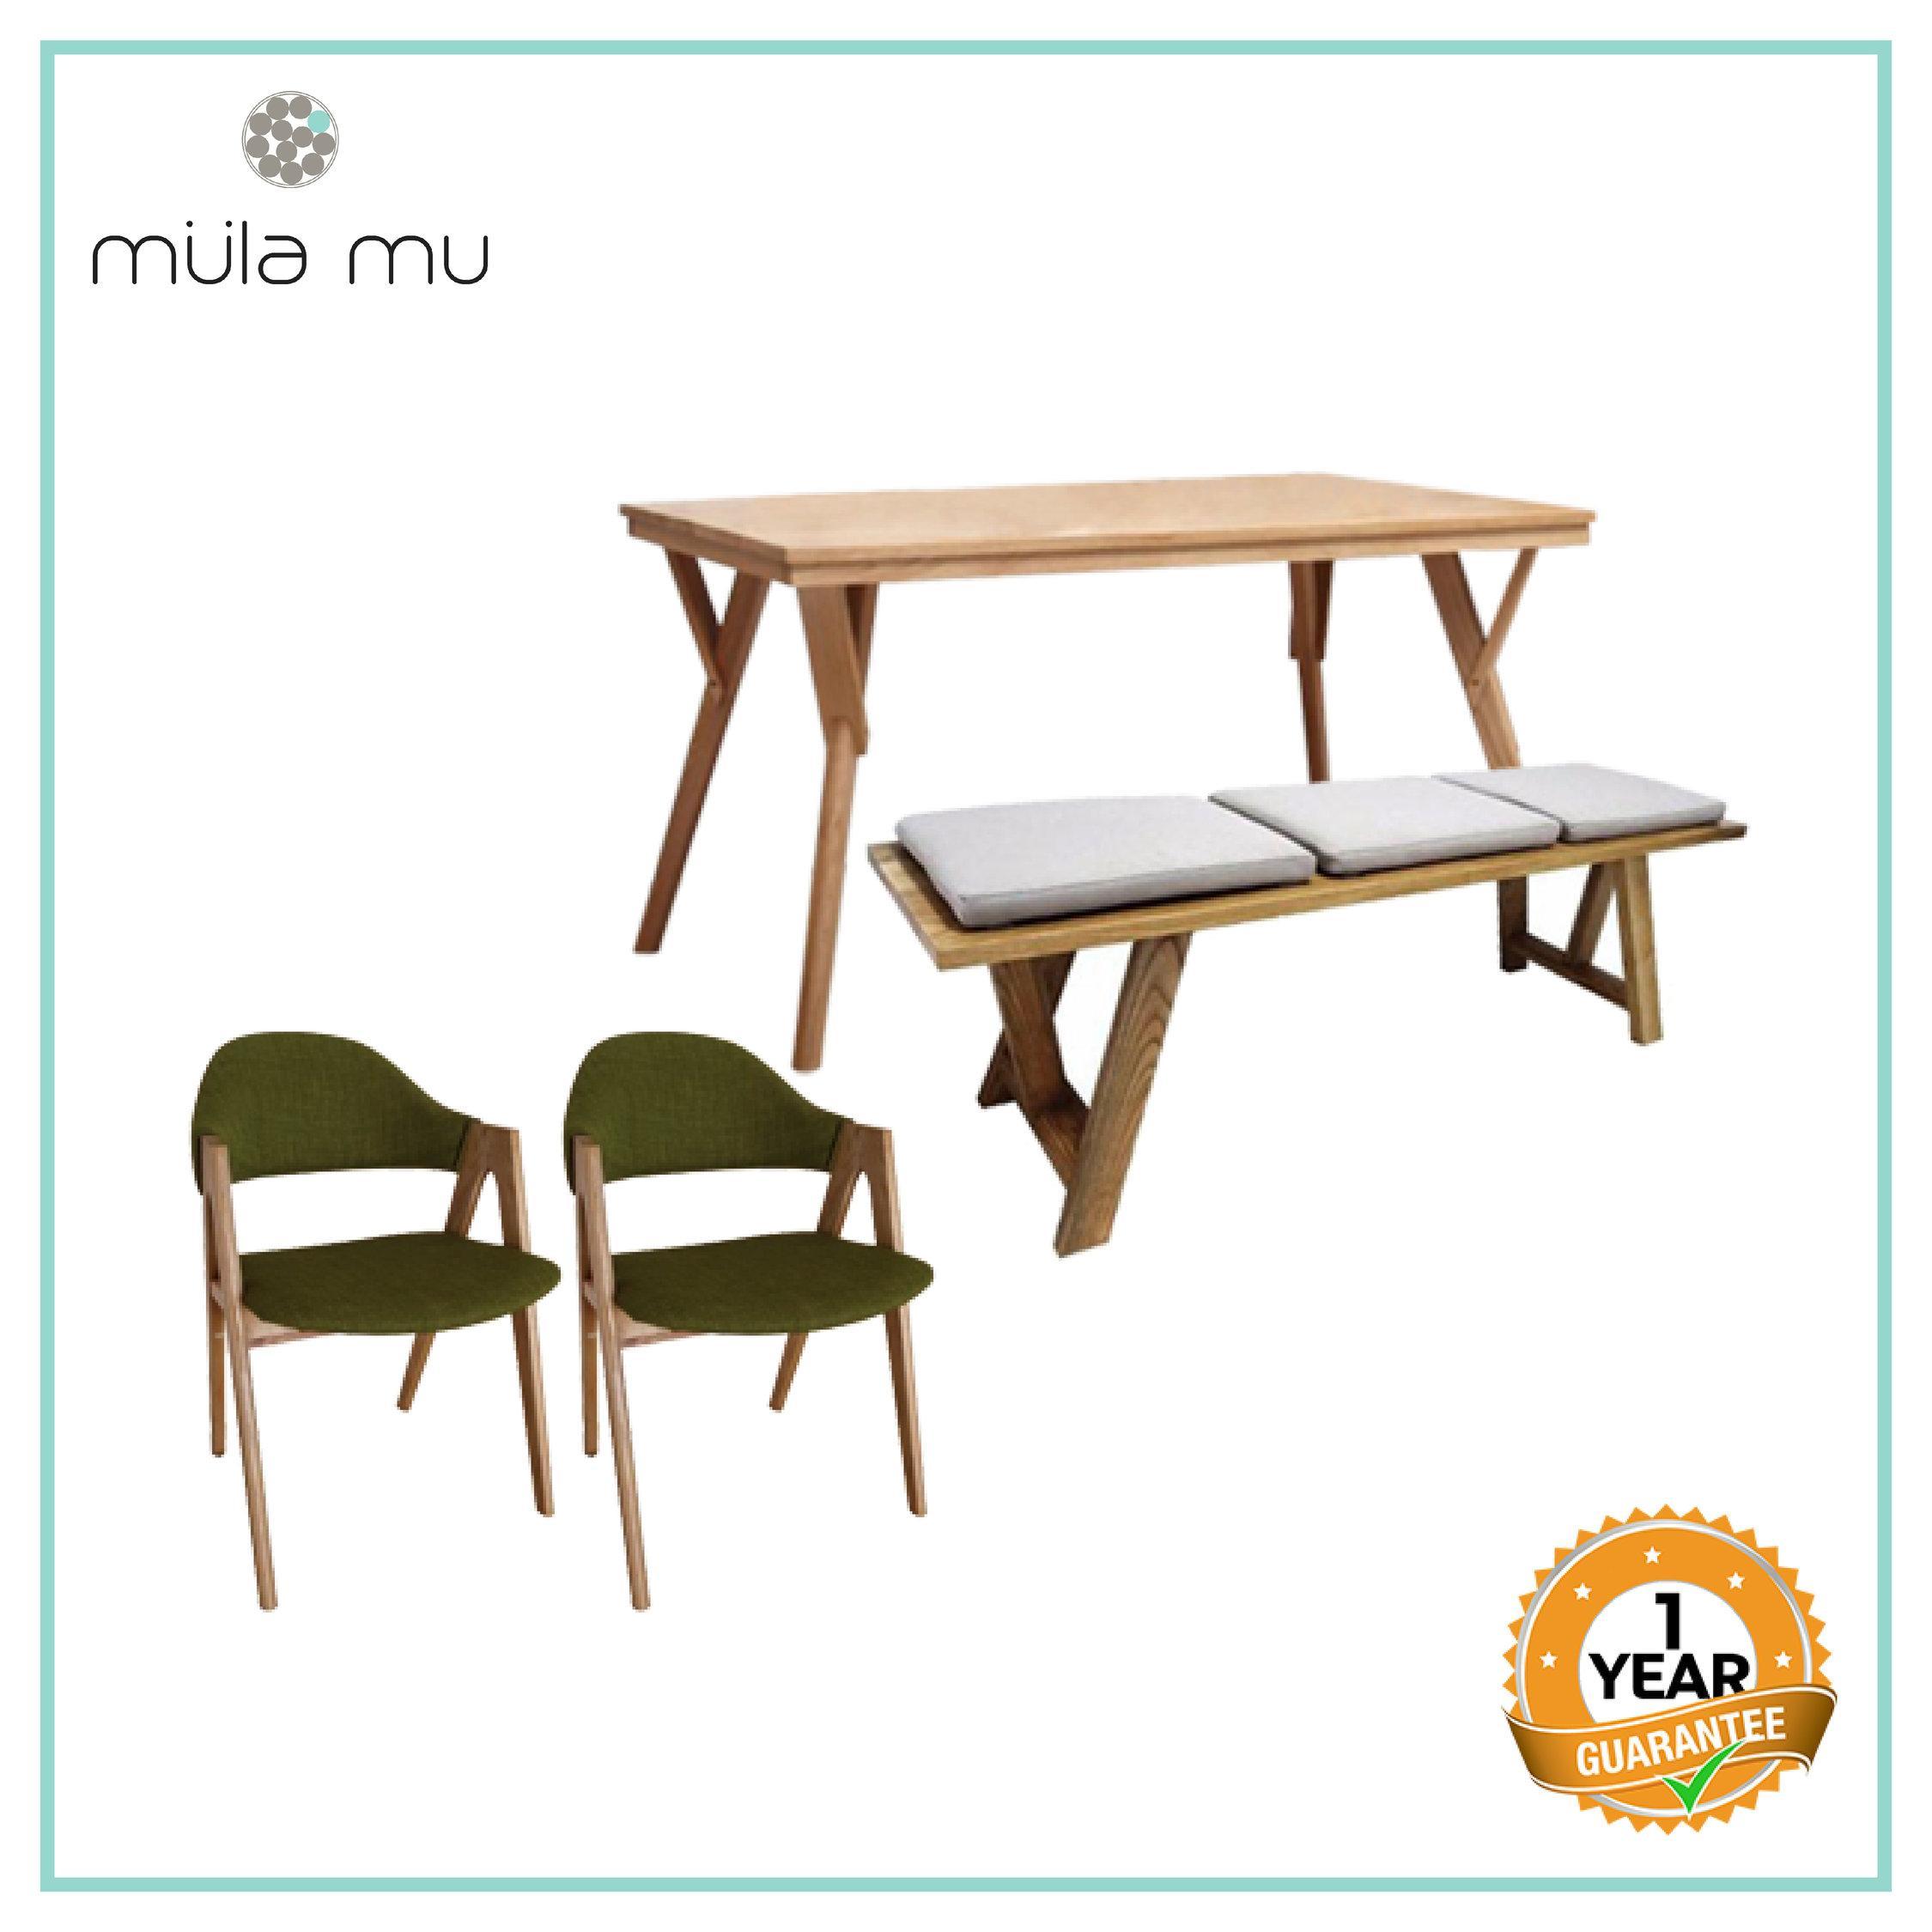 ÄRTISV TABLE + BENCH + 2PCS CHAIR